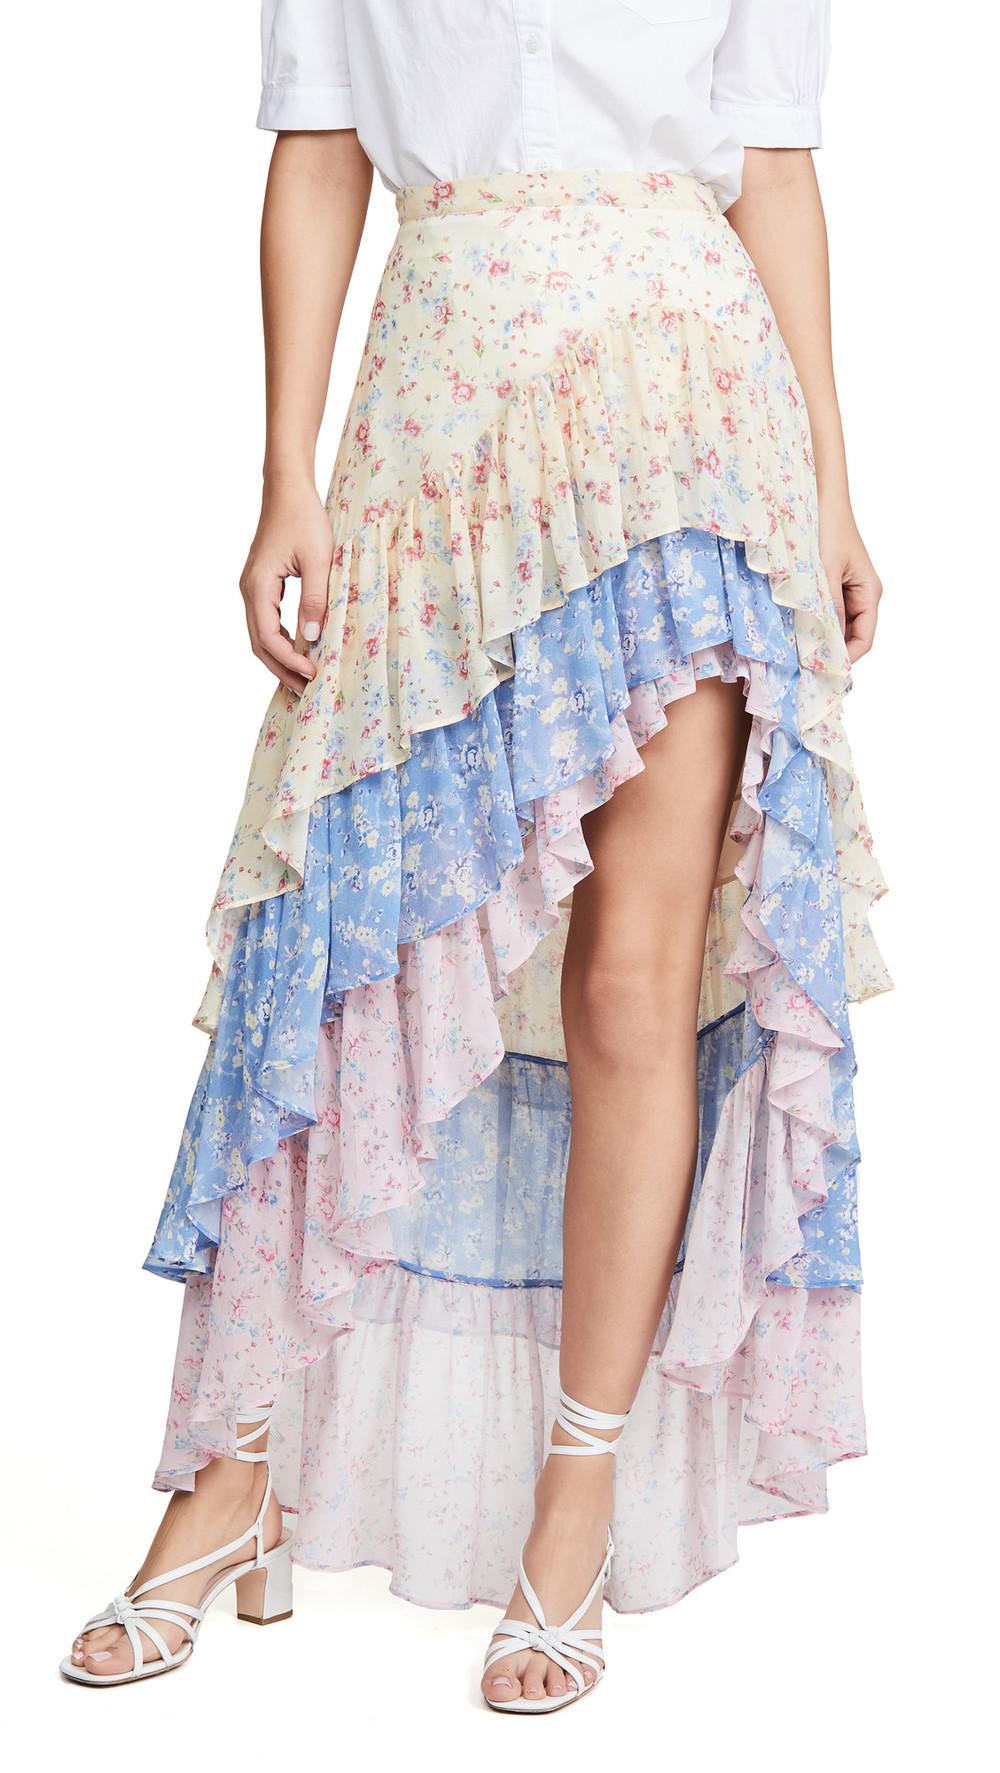 LOVESHACKFANCY Lisette Skirt in multi